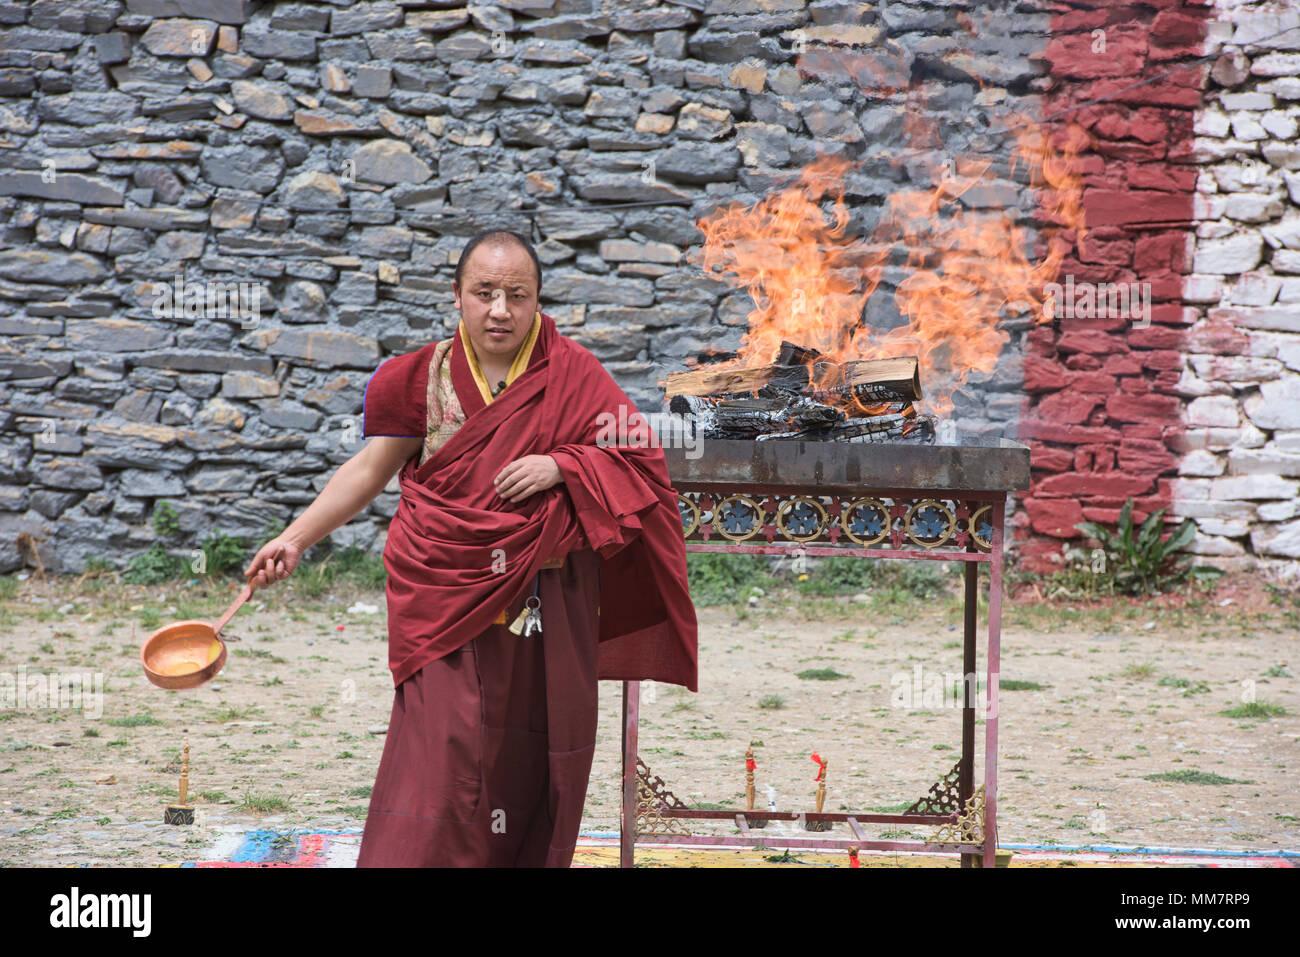 Monaco tibetano mette burro di yak sul fuoco alla purificazione Jinganqumo festival in Dege, Sichuan, in Cina Immagini Stock